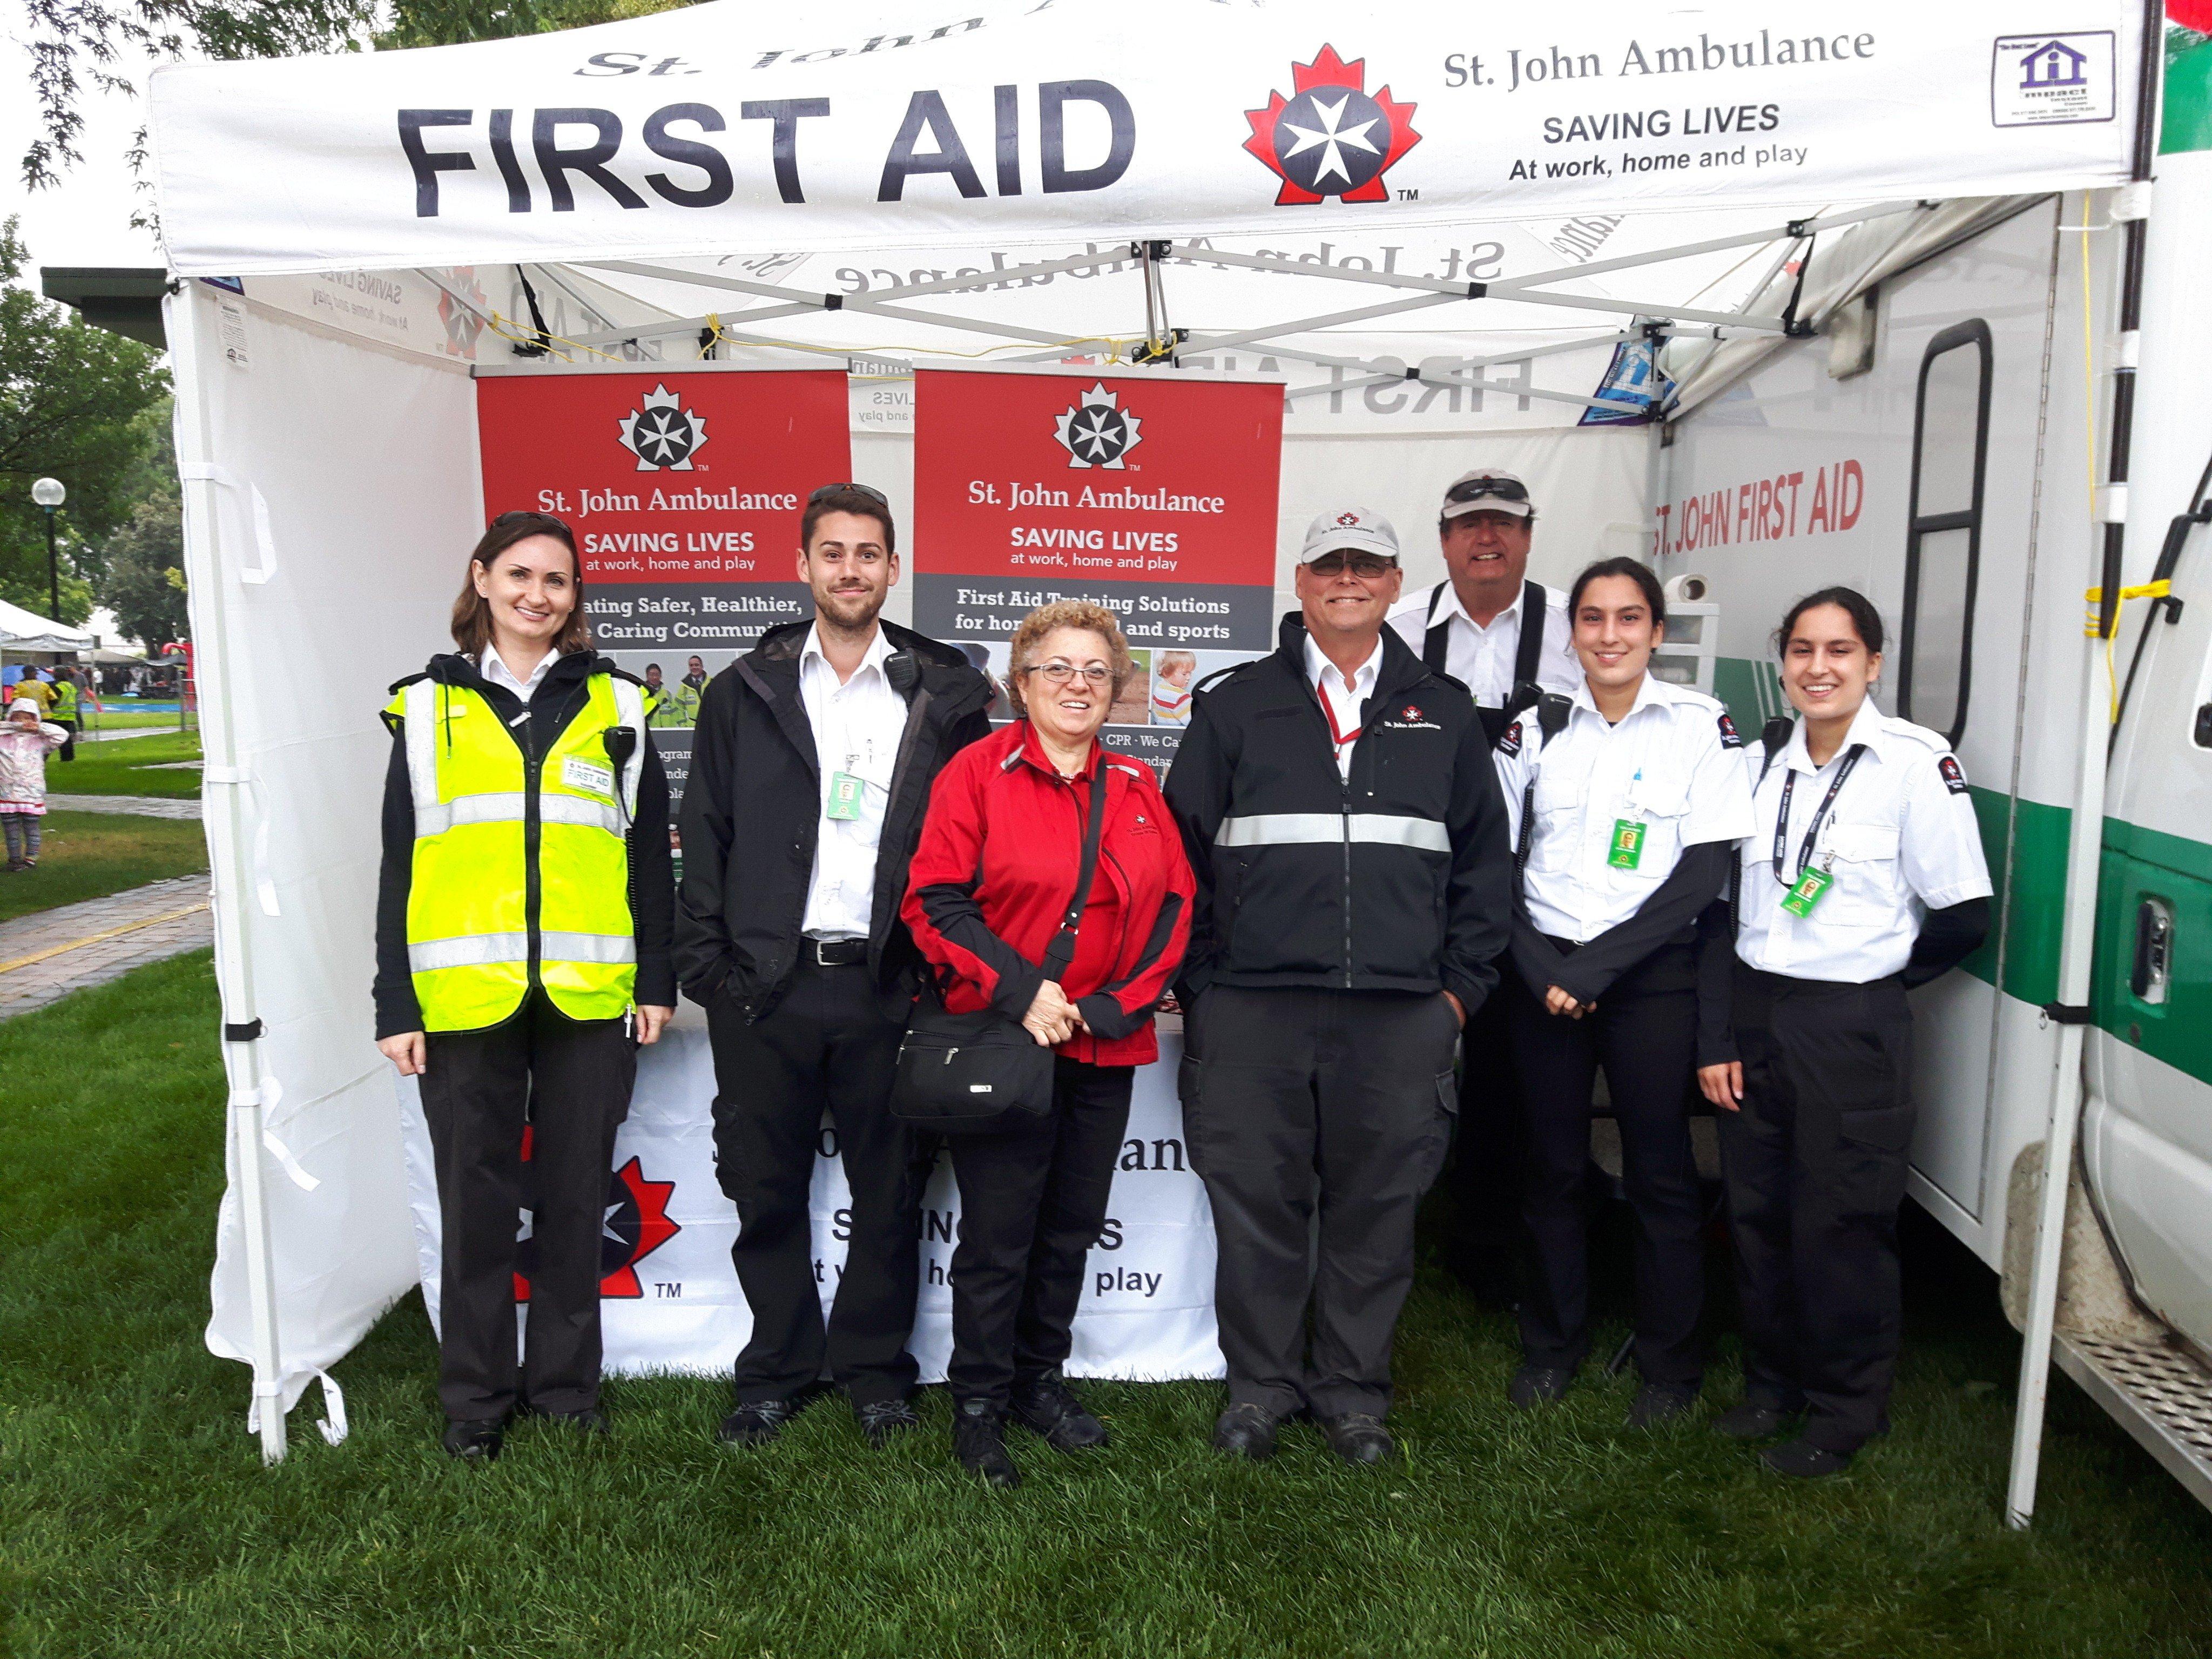 RUN4HOPE: St. John Ambulance, BC & Yukon